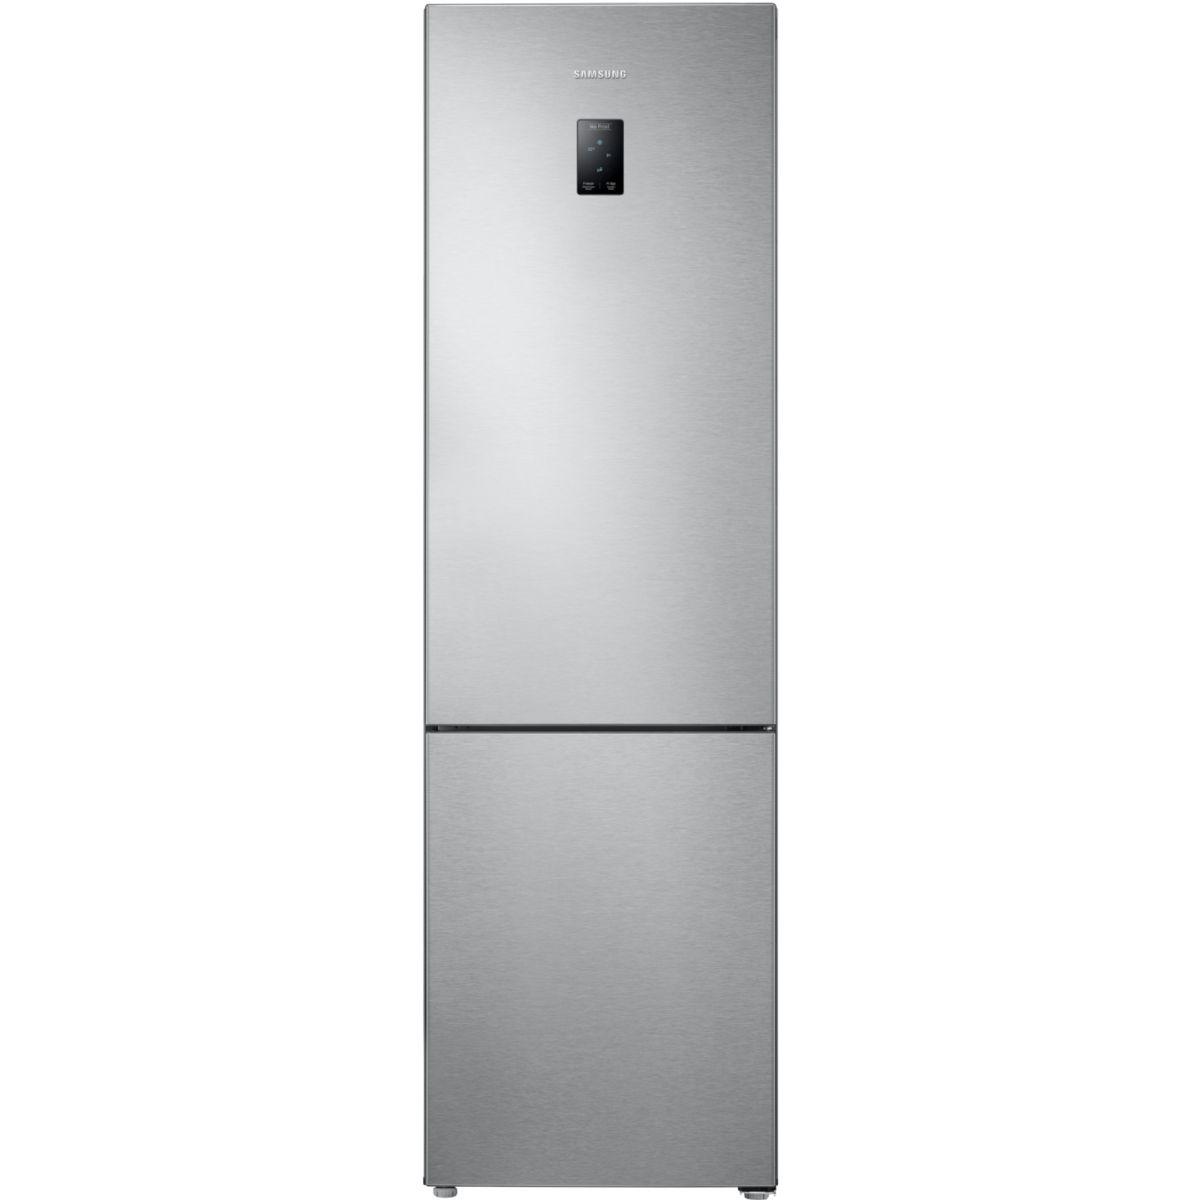 refrigerateurs samsung en promo ou en soldes 77 discount total. Black Bedroom Furniture Sets. Home Design Ideas